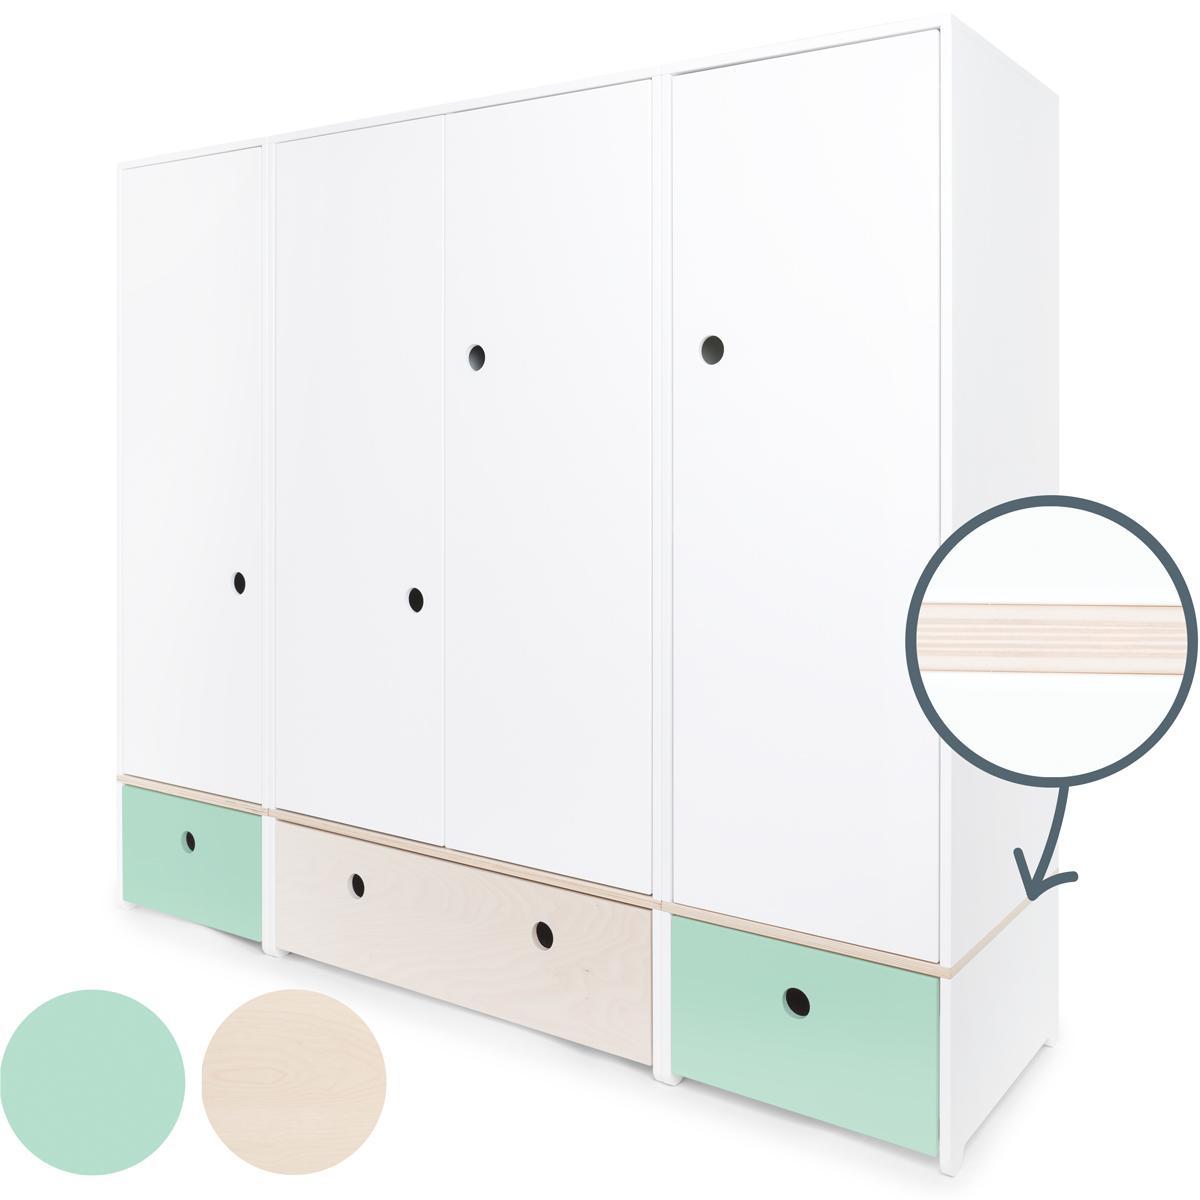 Armoire 4 portes COLORFLEX Abitare Kids façades tiroirs mint-white wash-mint